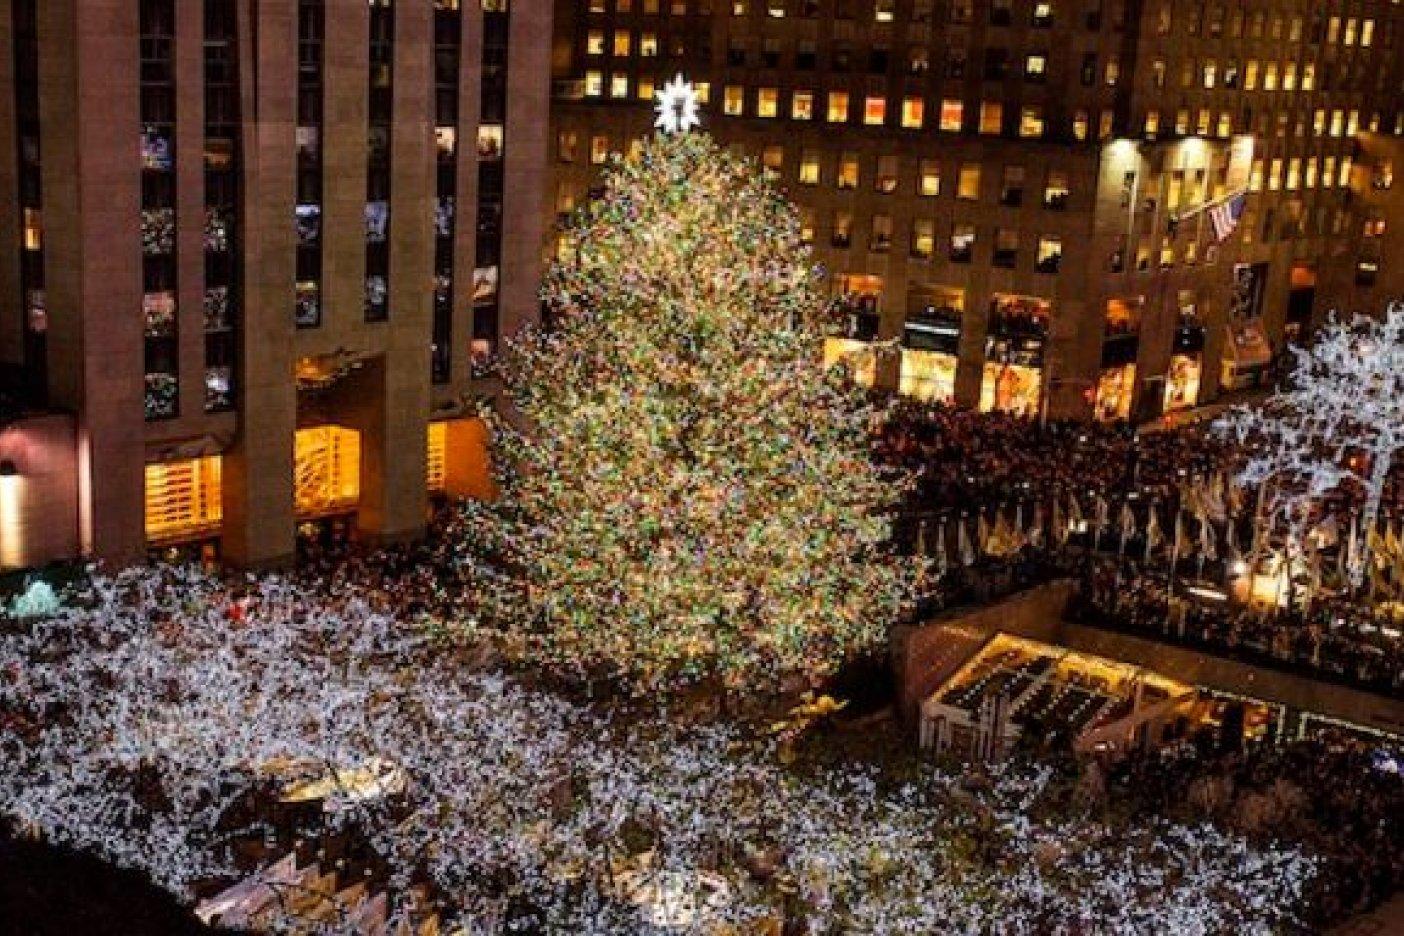 Encienden árbol de Navidad en el Rockefeller Center de Nueva York